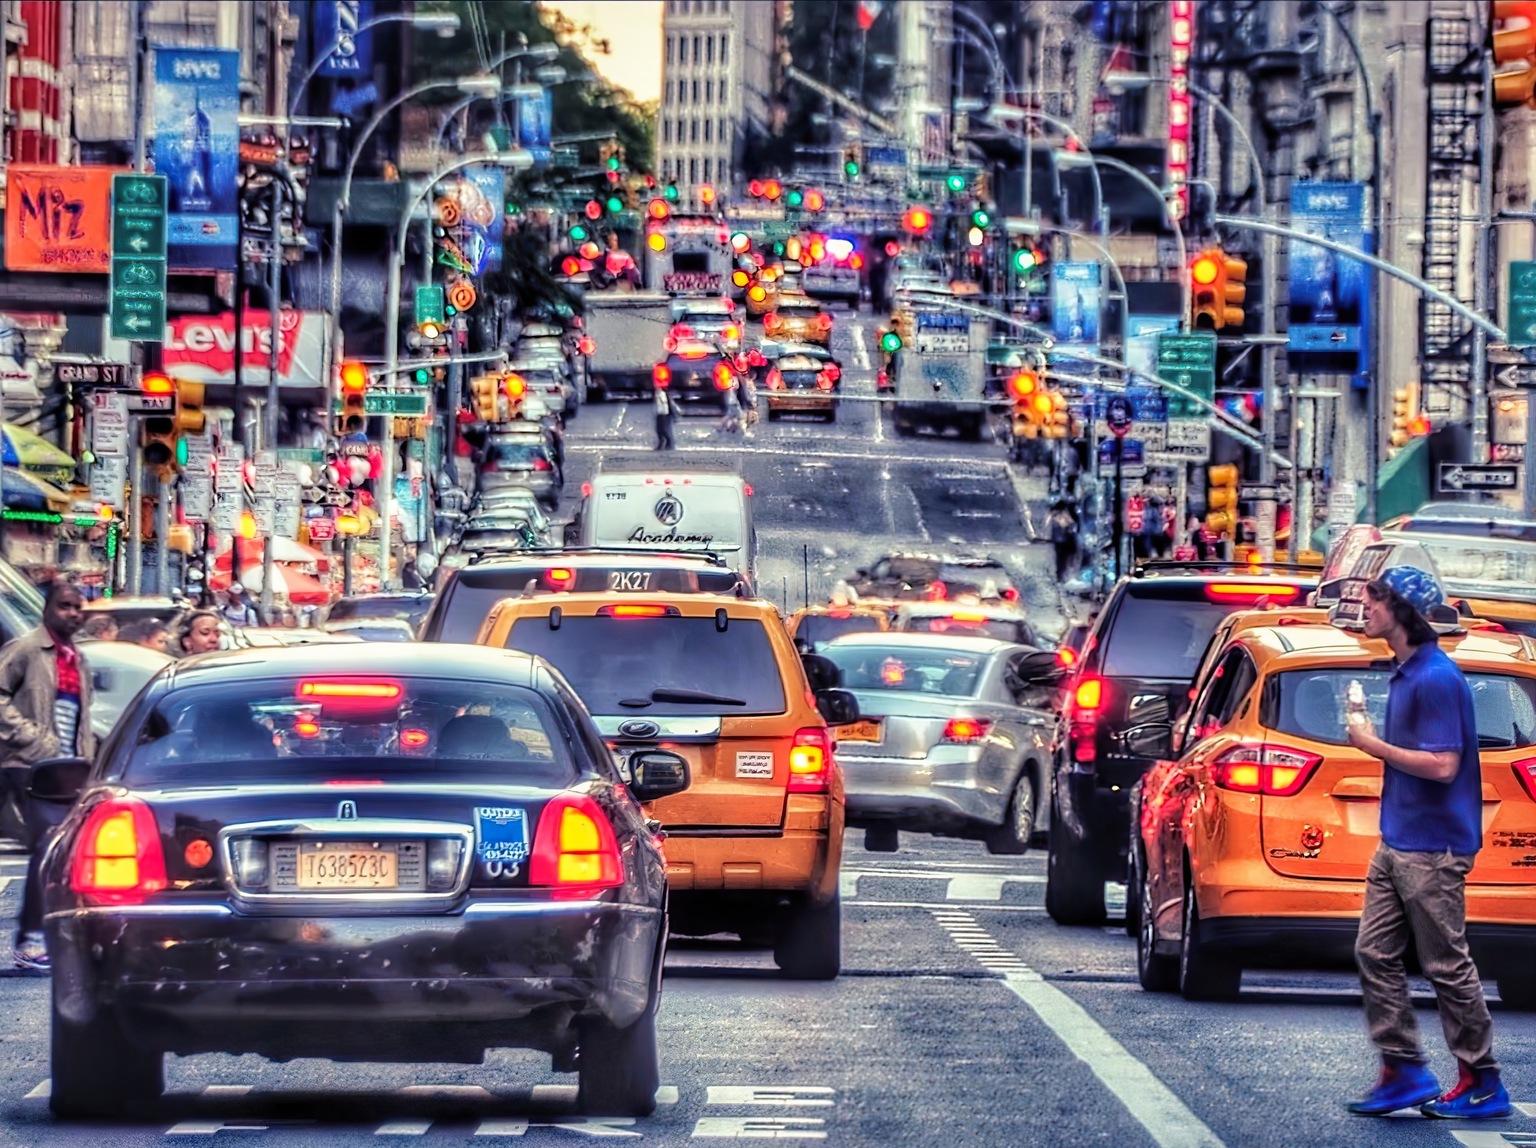 Traffic jam - Traffic jam on Fifth Avenue  - foto door Straub op 10-04-2021 - locatie: 5th Ave, New York, NY, Verenigde Staten - deze foto bevat: auto, landvoertuig, voertuig, wiel, parkeerlicht voor auto's, band, fotograaf, motorvoertuig, automotive verlichting, kentekenplaat van het voertuig